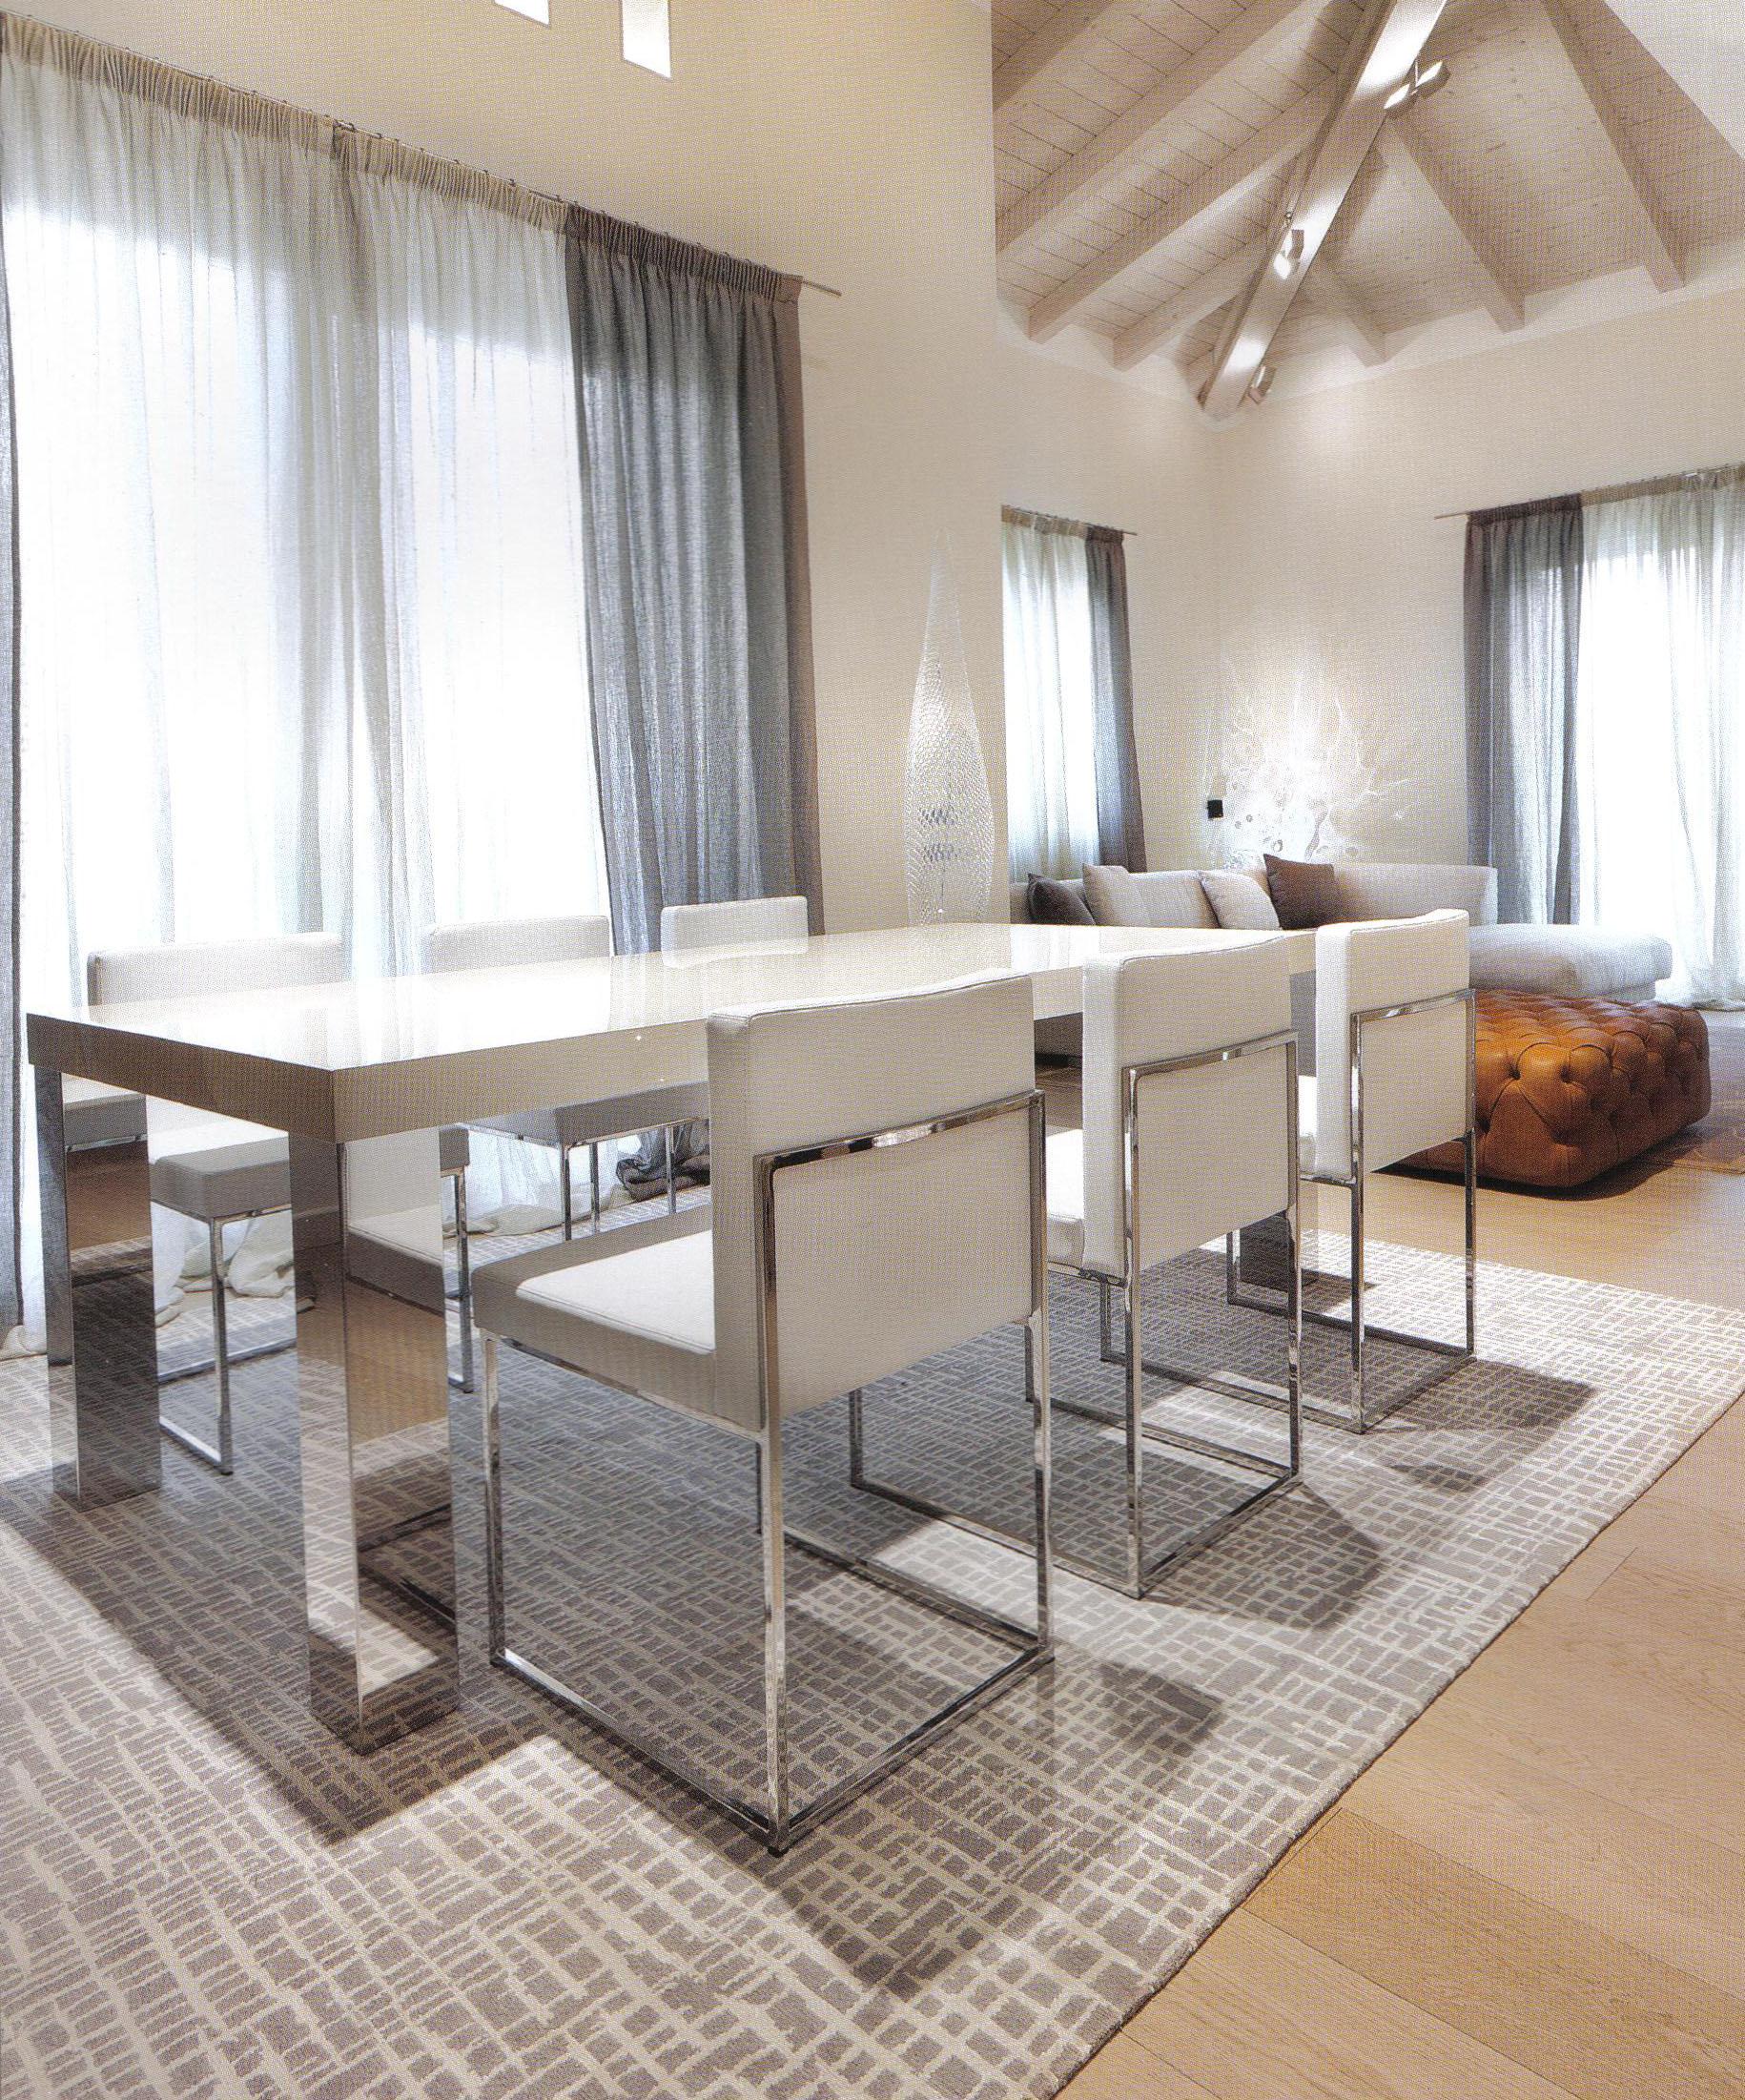 Tappeti contemporanei in ambiente moderno morandi tappeti blog - Tappeto sotto tavolo ...